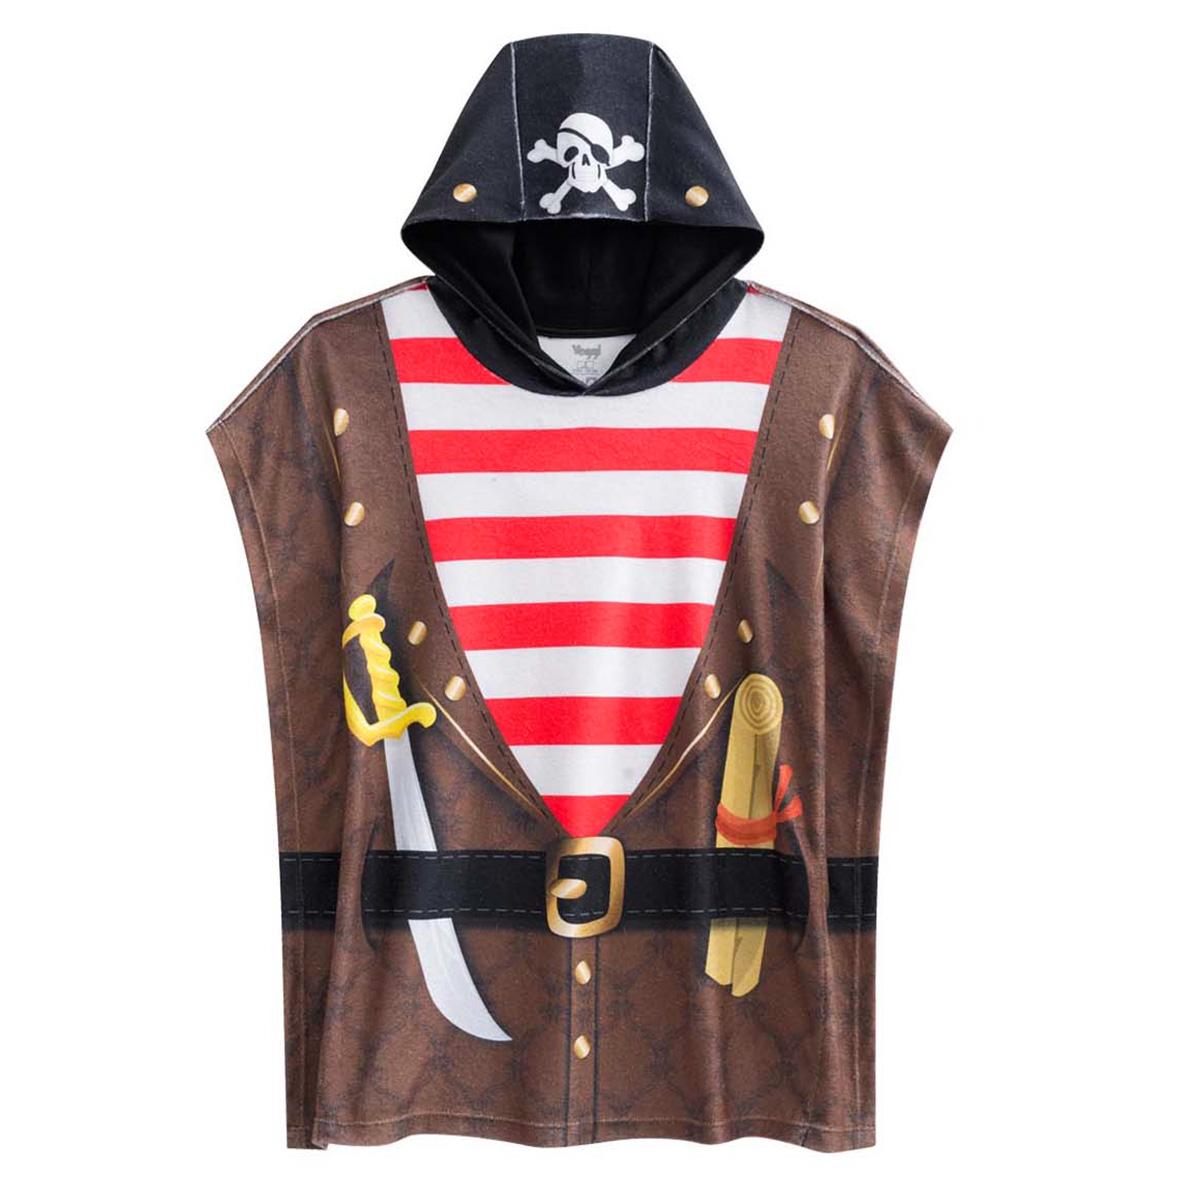 Roupão pirata com desenho de uma espada com toca de caveira